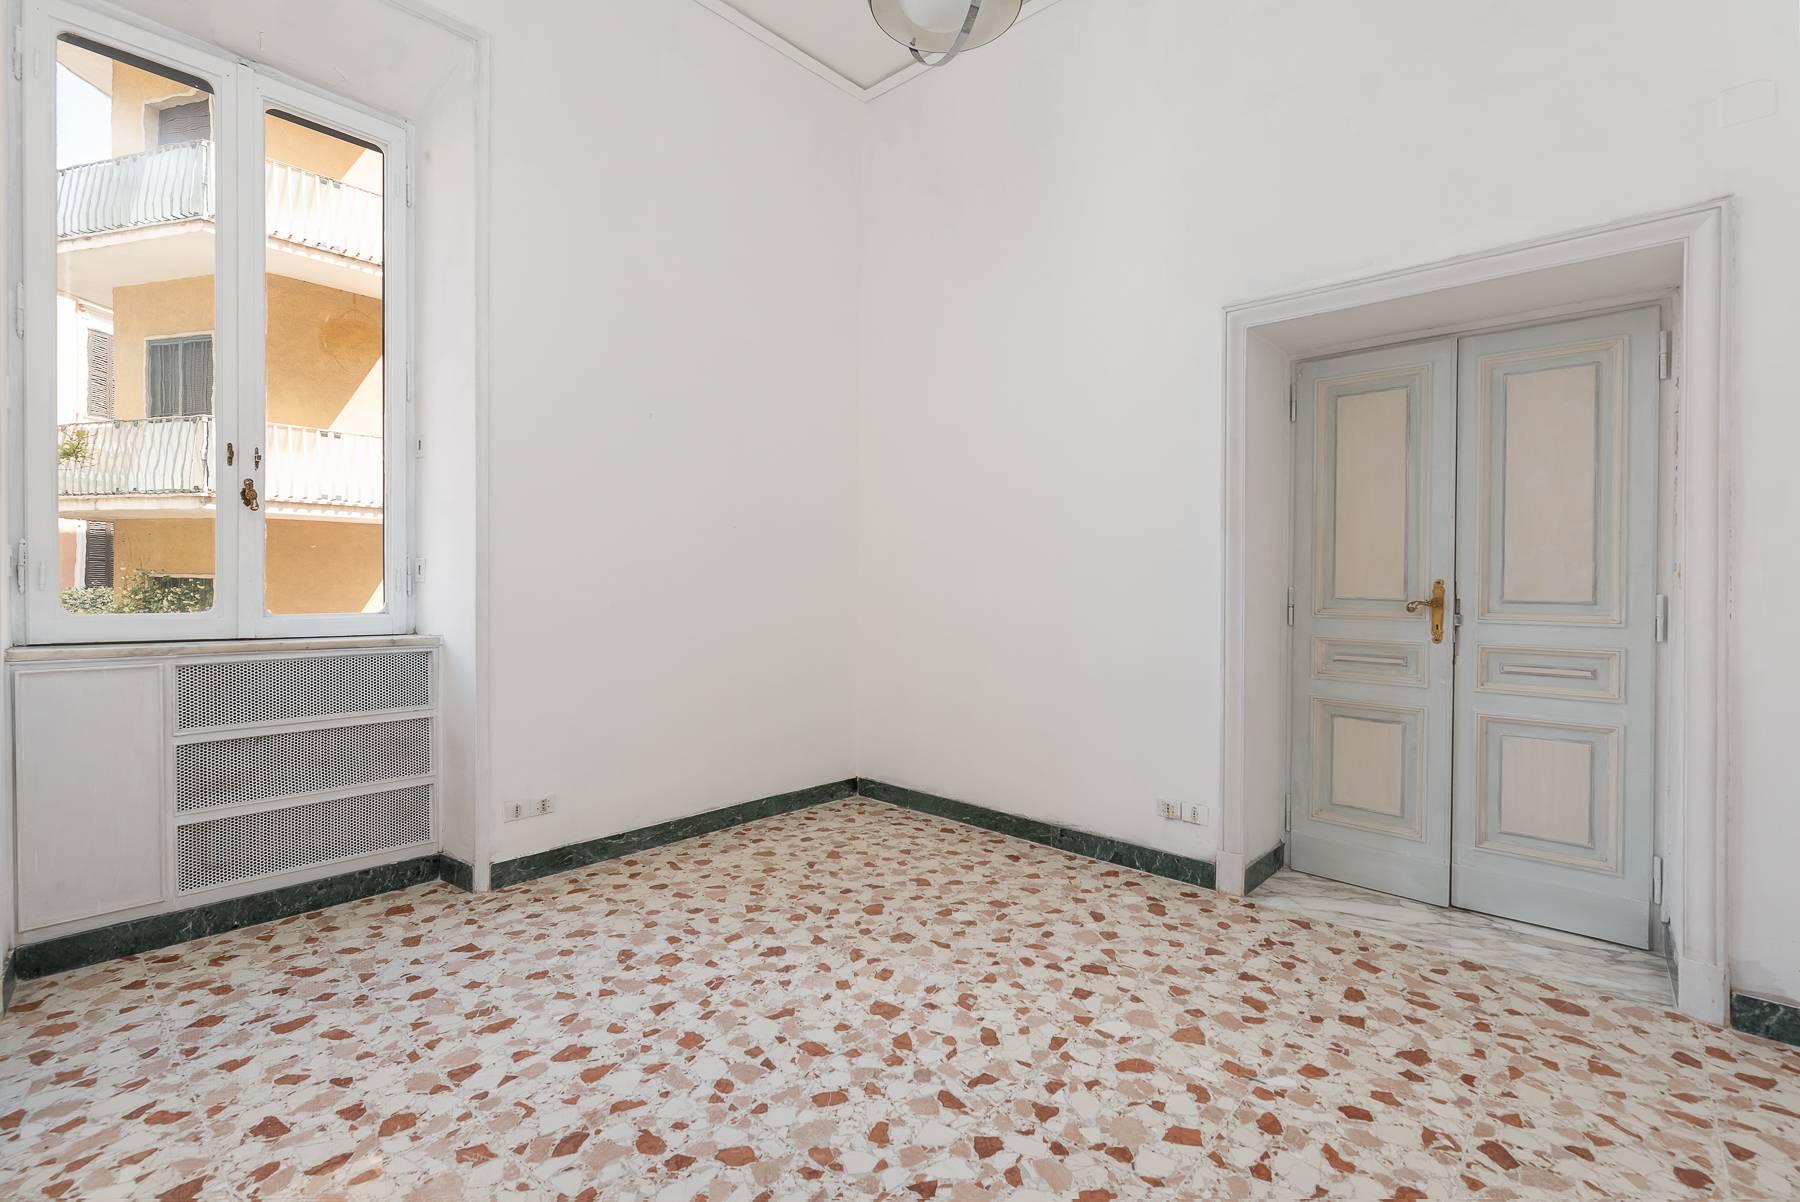 Ufficio-studio in Vendita a Roma: 5 locali, 322 mq - Foto 10